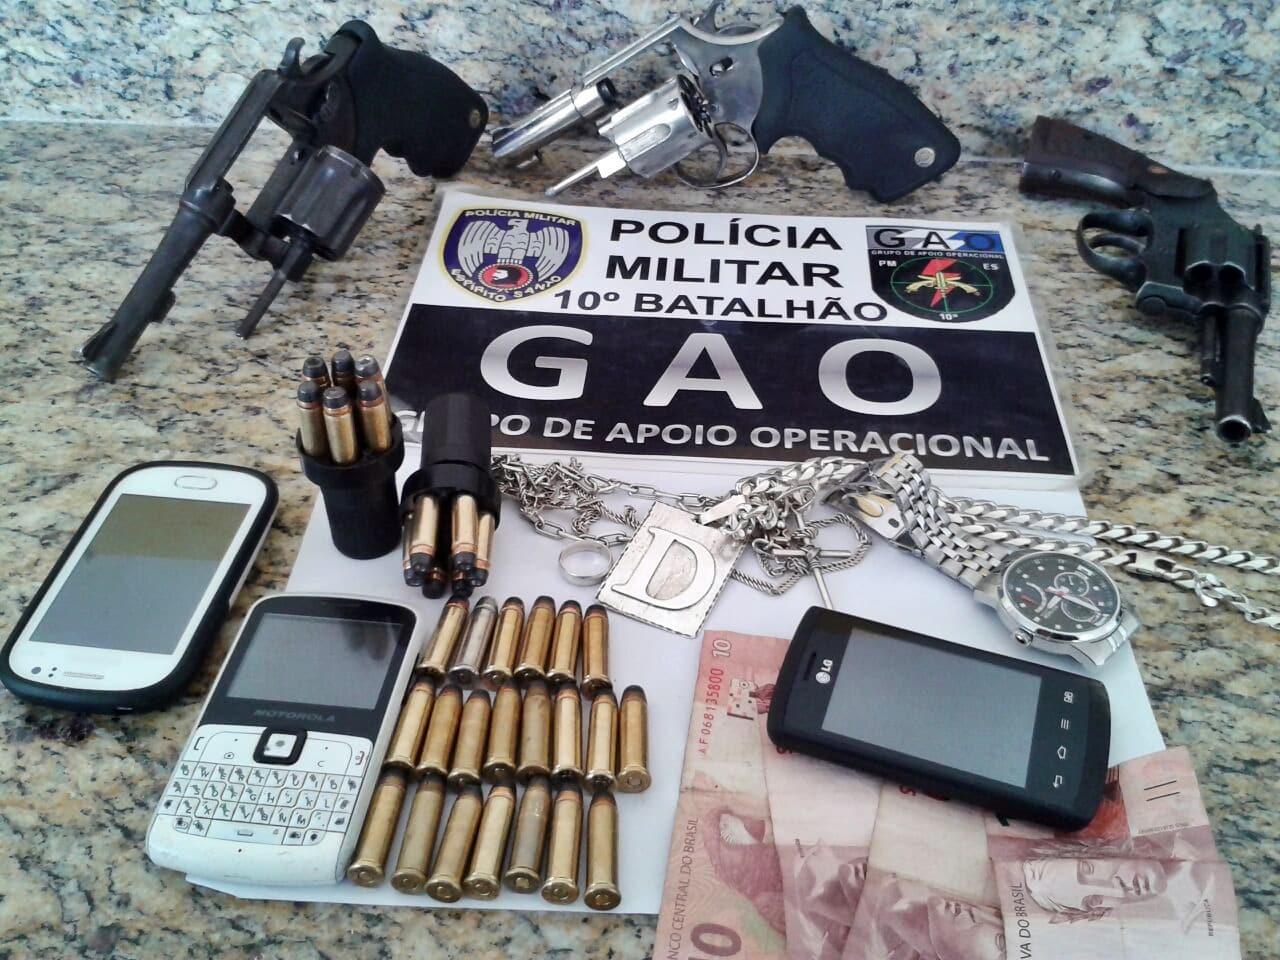 Os detidos jogaram as armas ao chão quando viram os policiais.